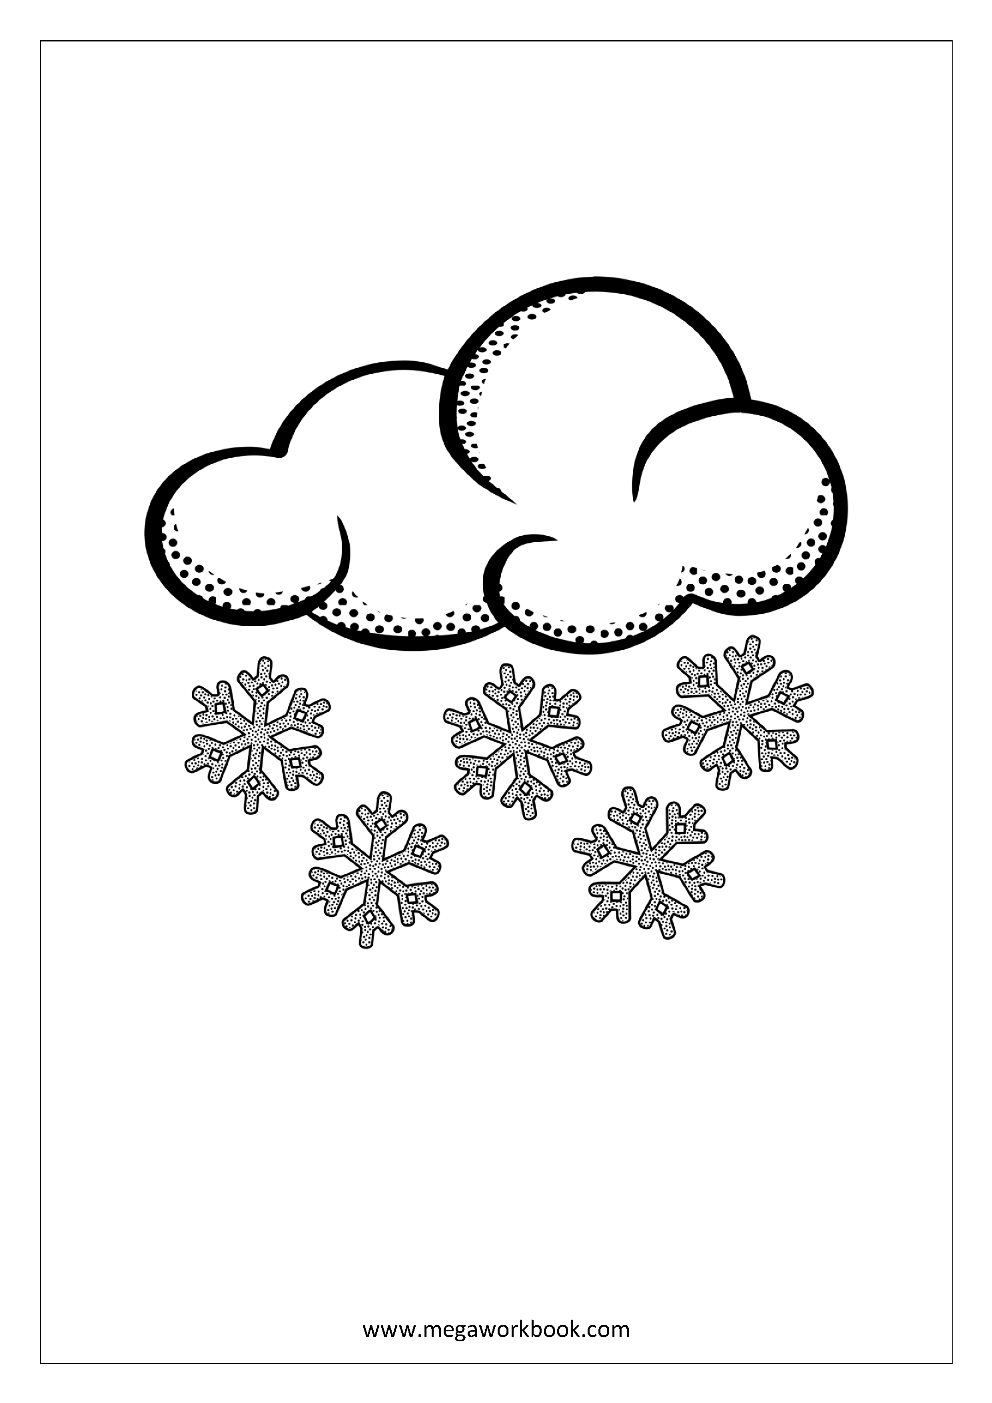 winter und schnee  weihnachten malvorlagen  tipss und